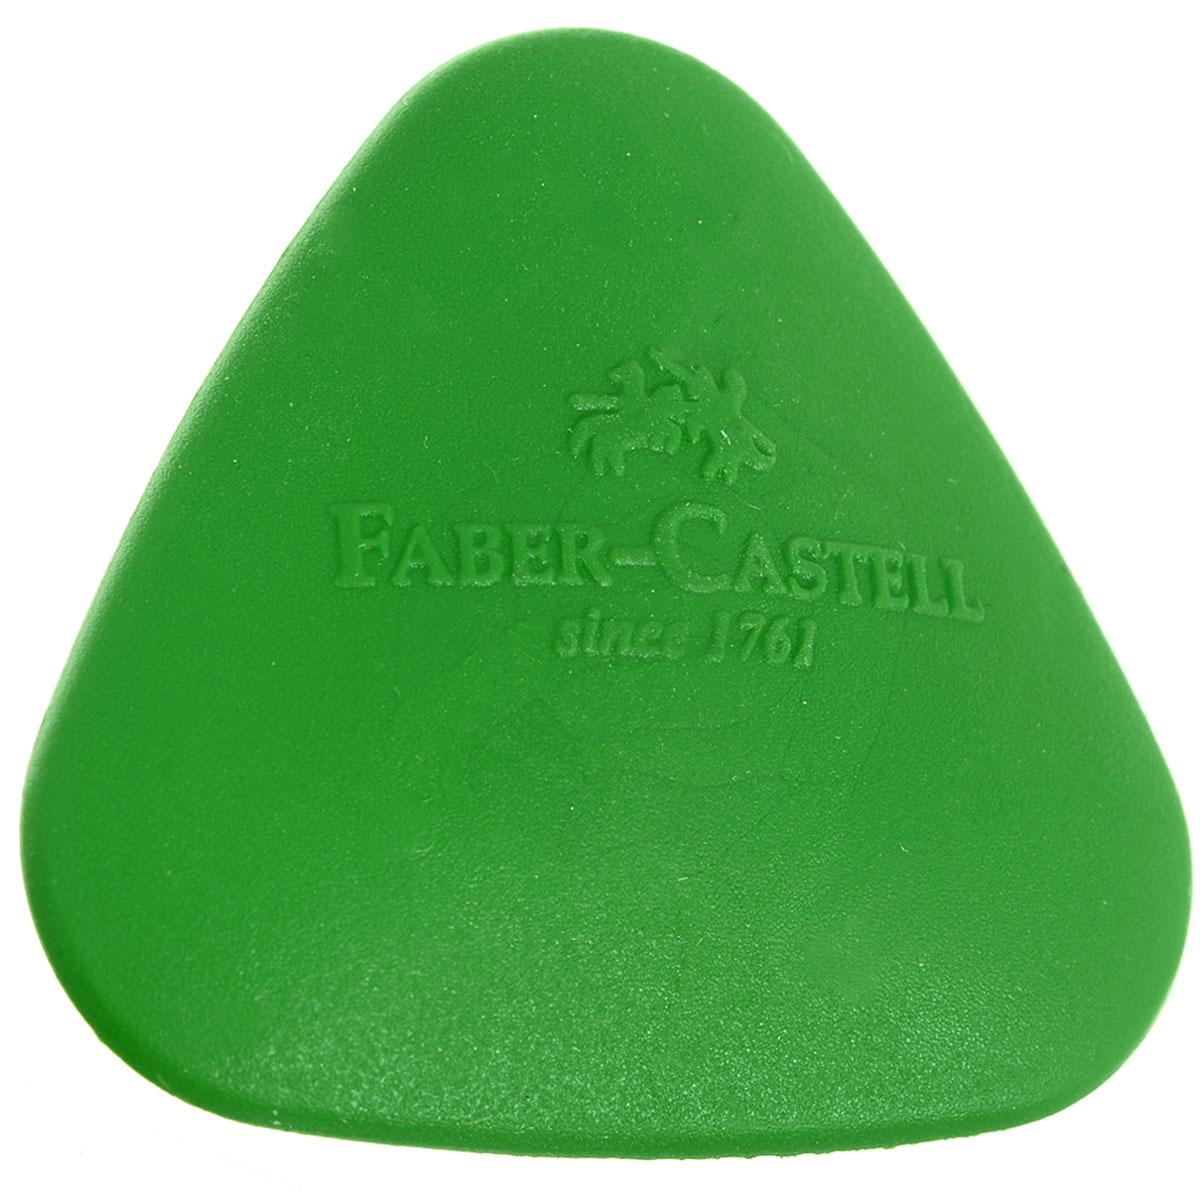 Faber-Castell Ластик формованный треугольный цвет зеленый